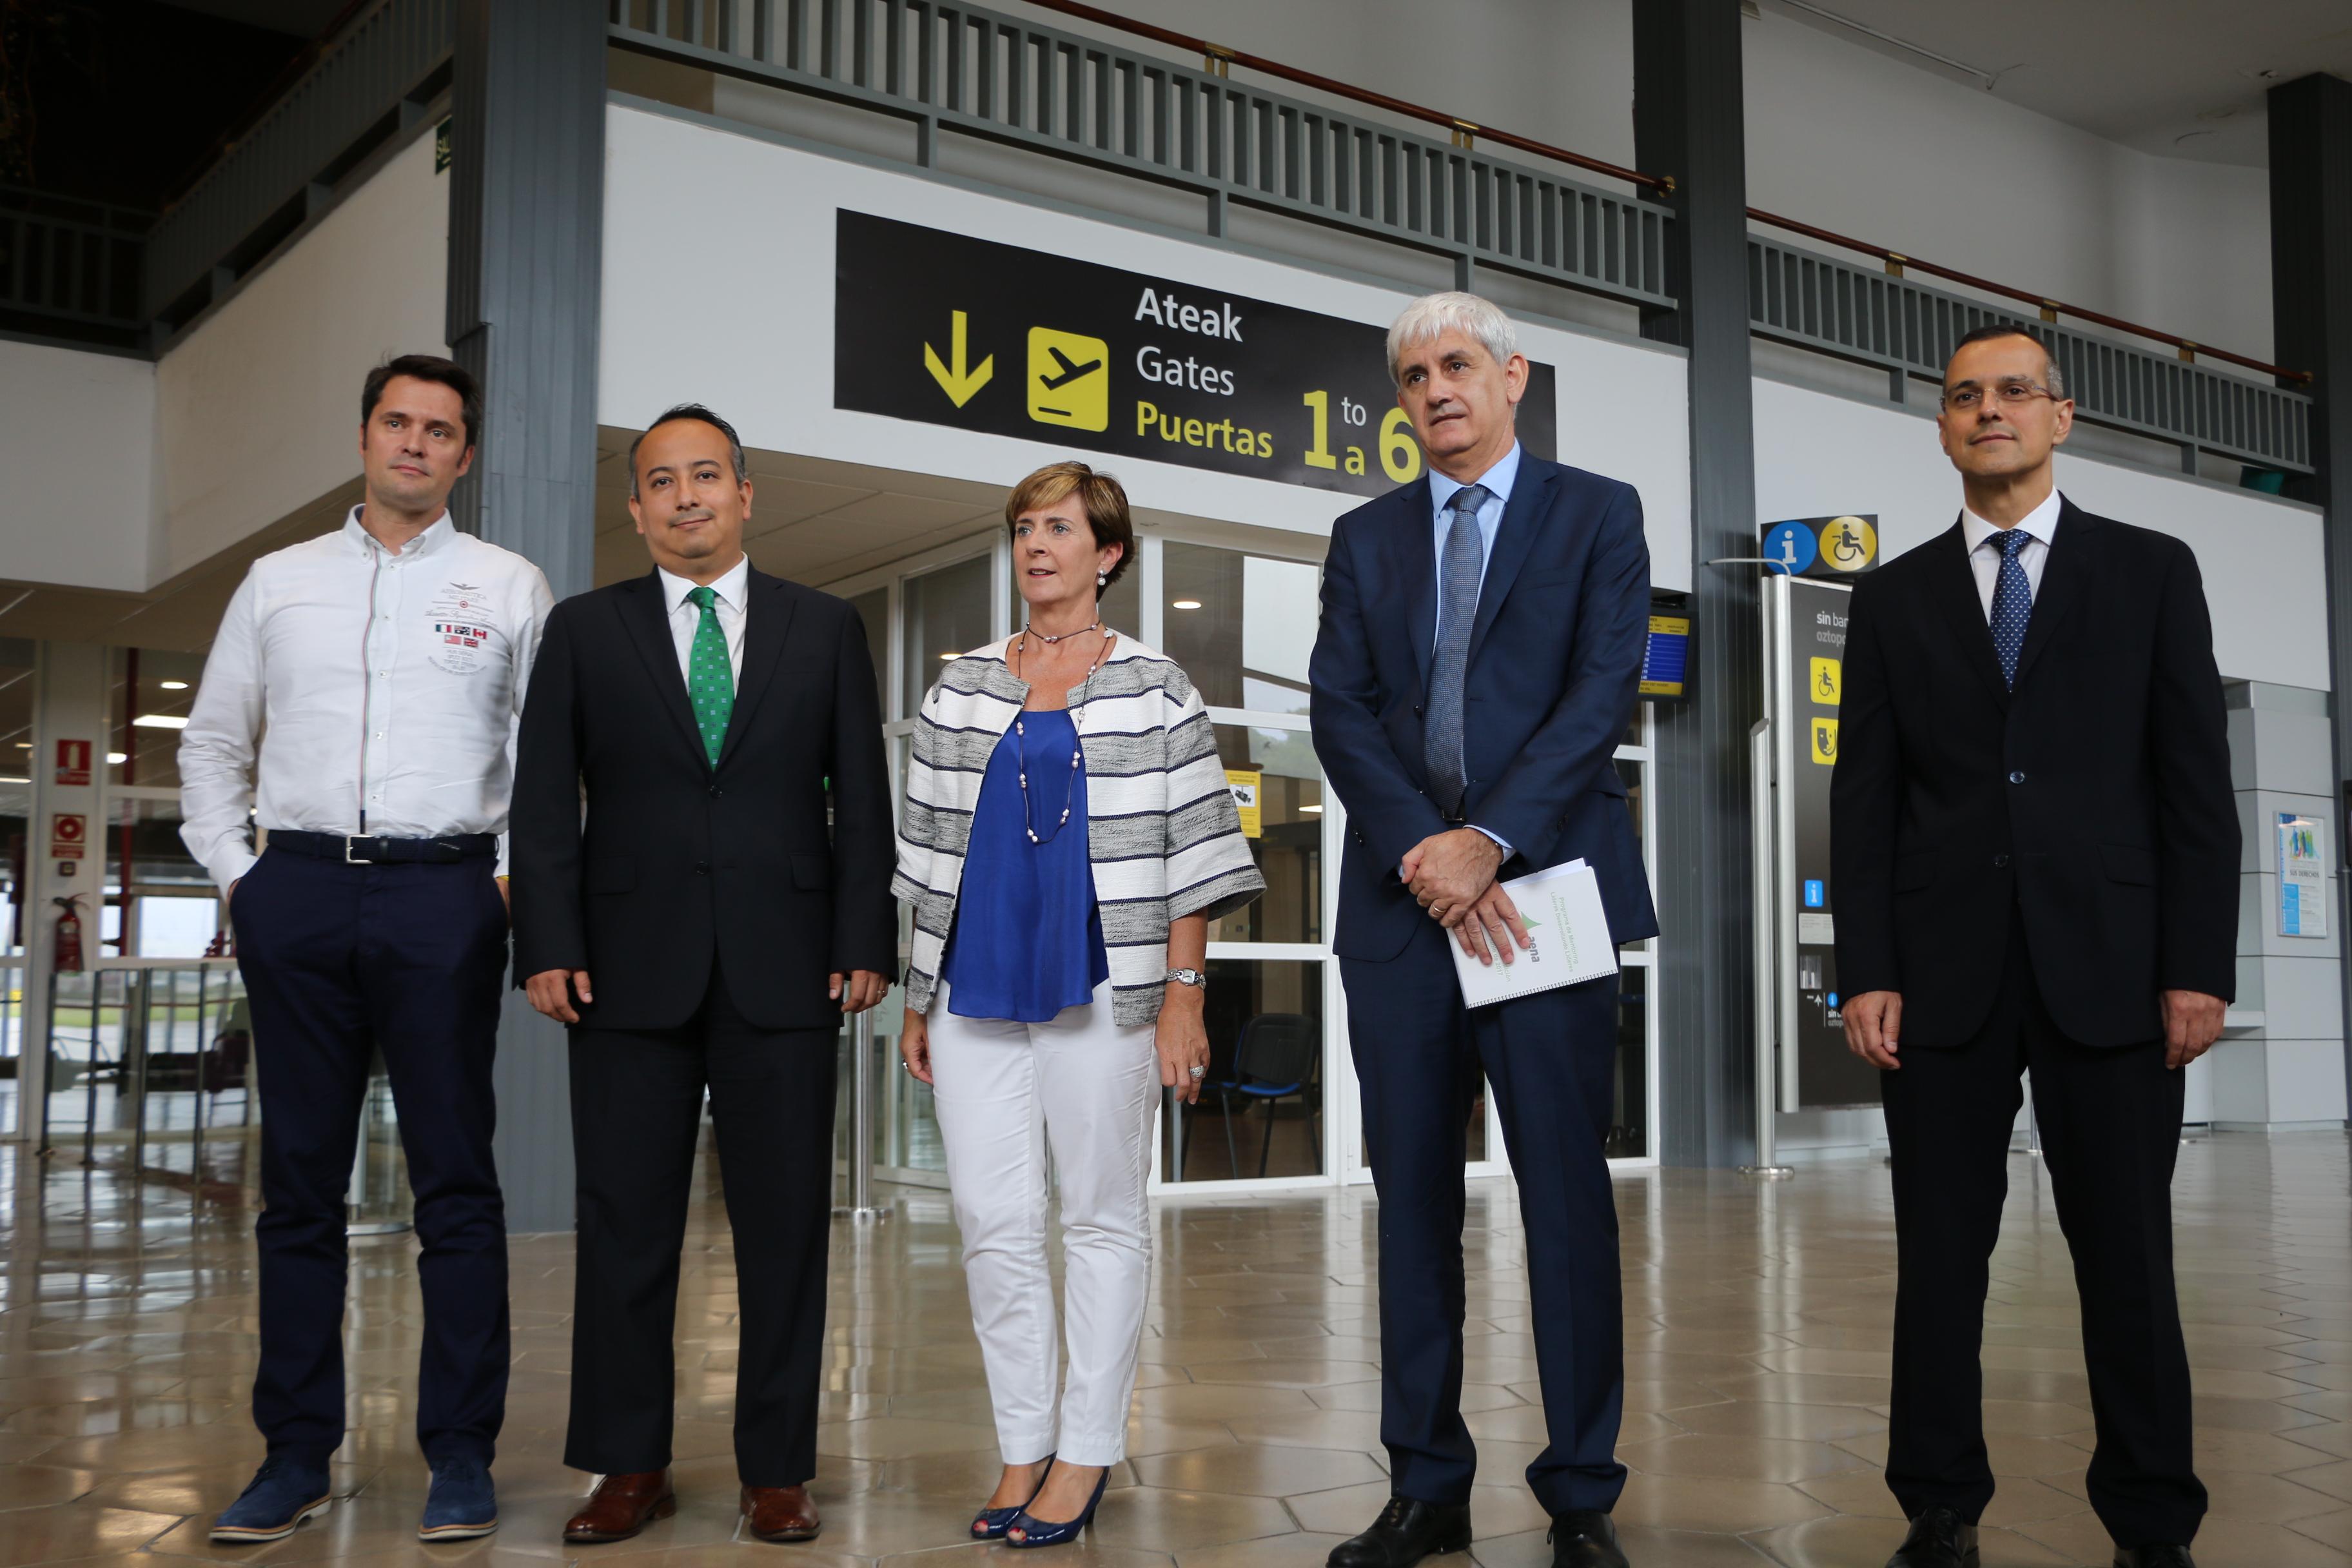 Se garantiza la seguridad en el Aeropuerto de Hondarribia y Vueling seguirá operando